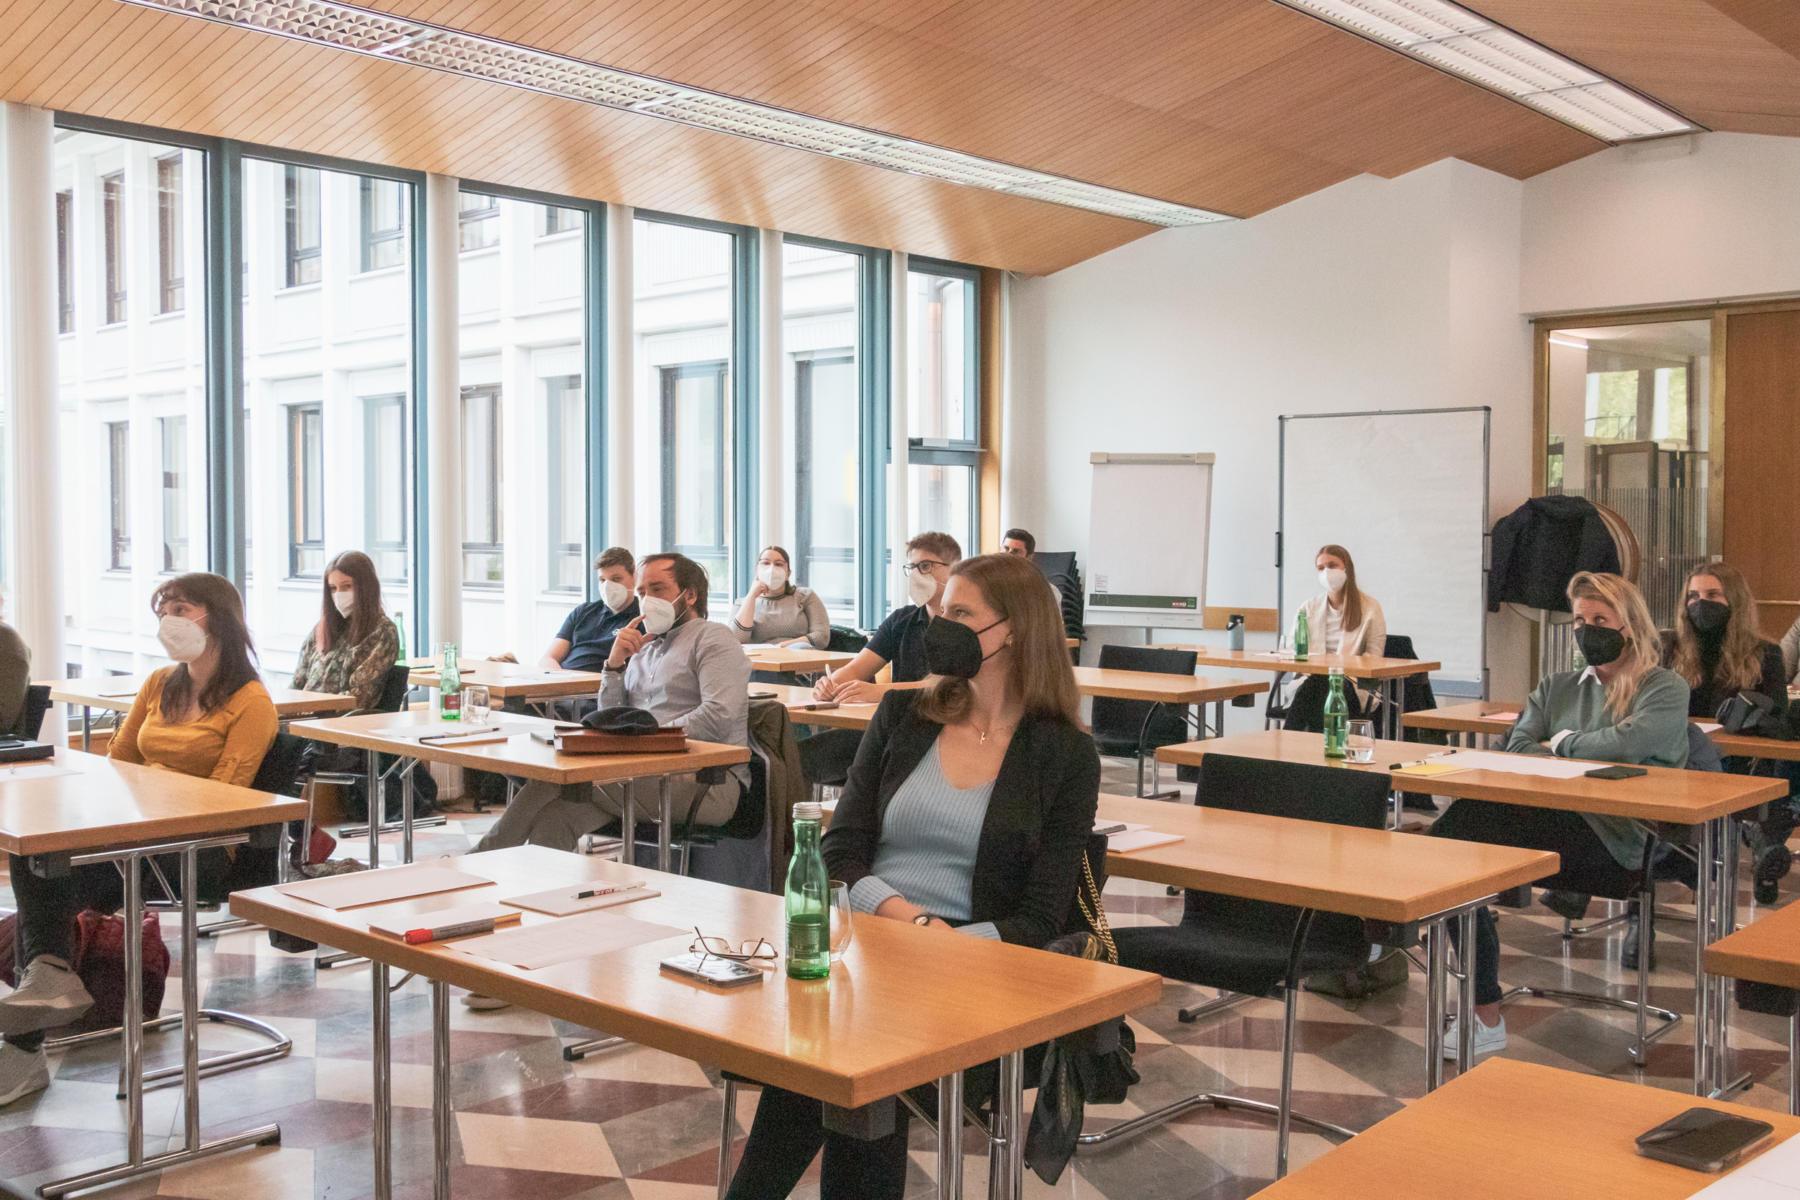 vorarlberg tourismus workshop 13 1800x1200 - Spannende Fokusgruppen und Fach-Workshops zur Evaluierung der bisherigen Tourismusstrategie